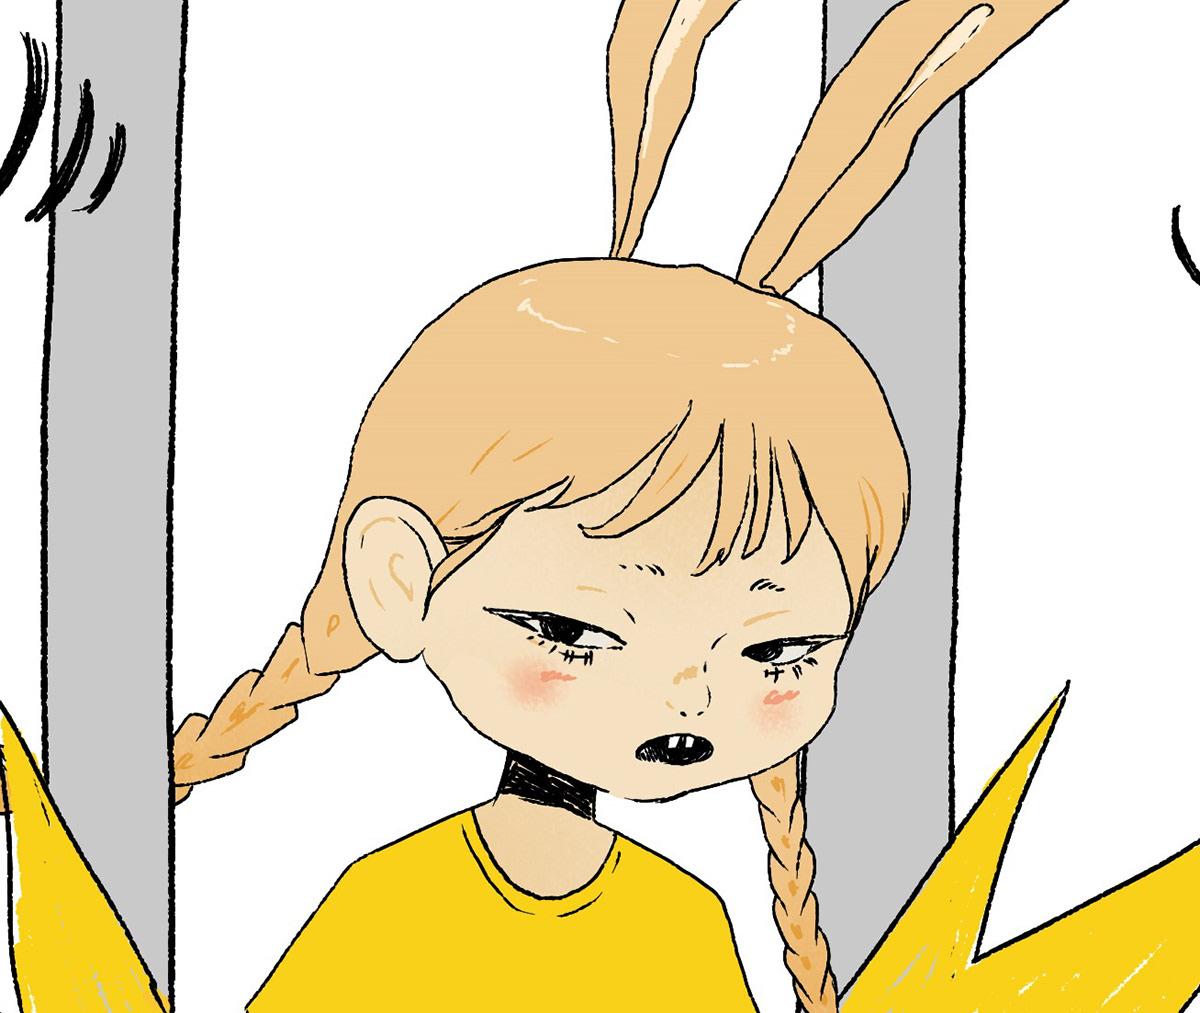 bunny cute girl lapin Mascot metro Paris serge